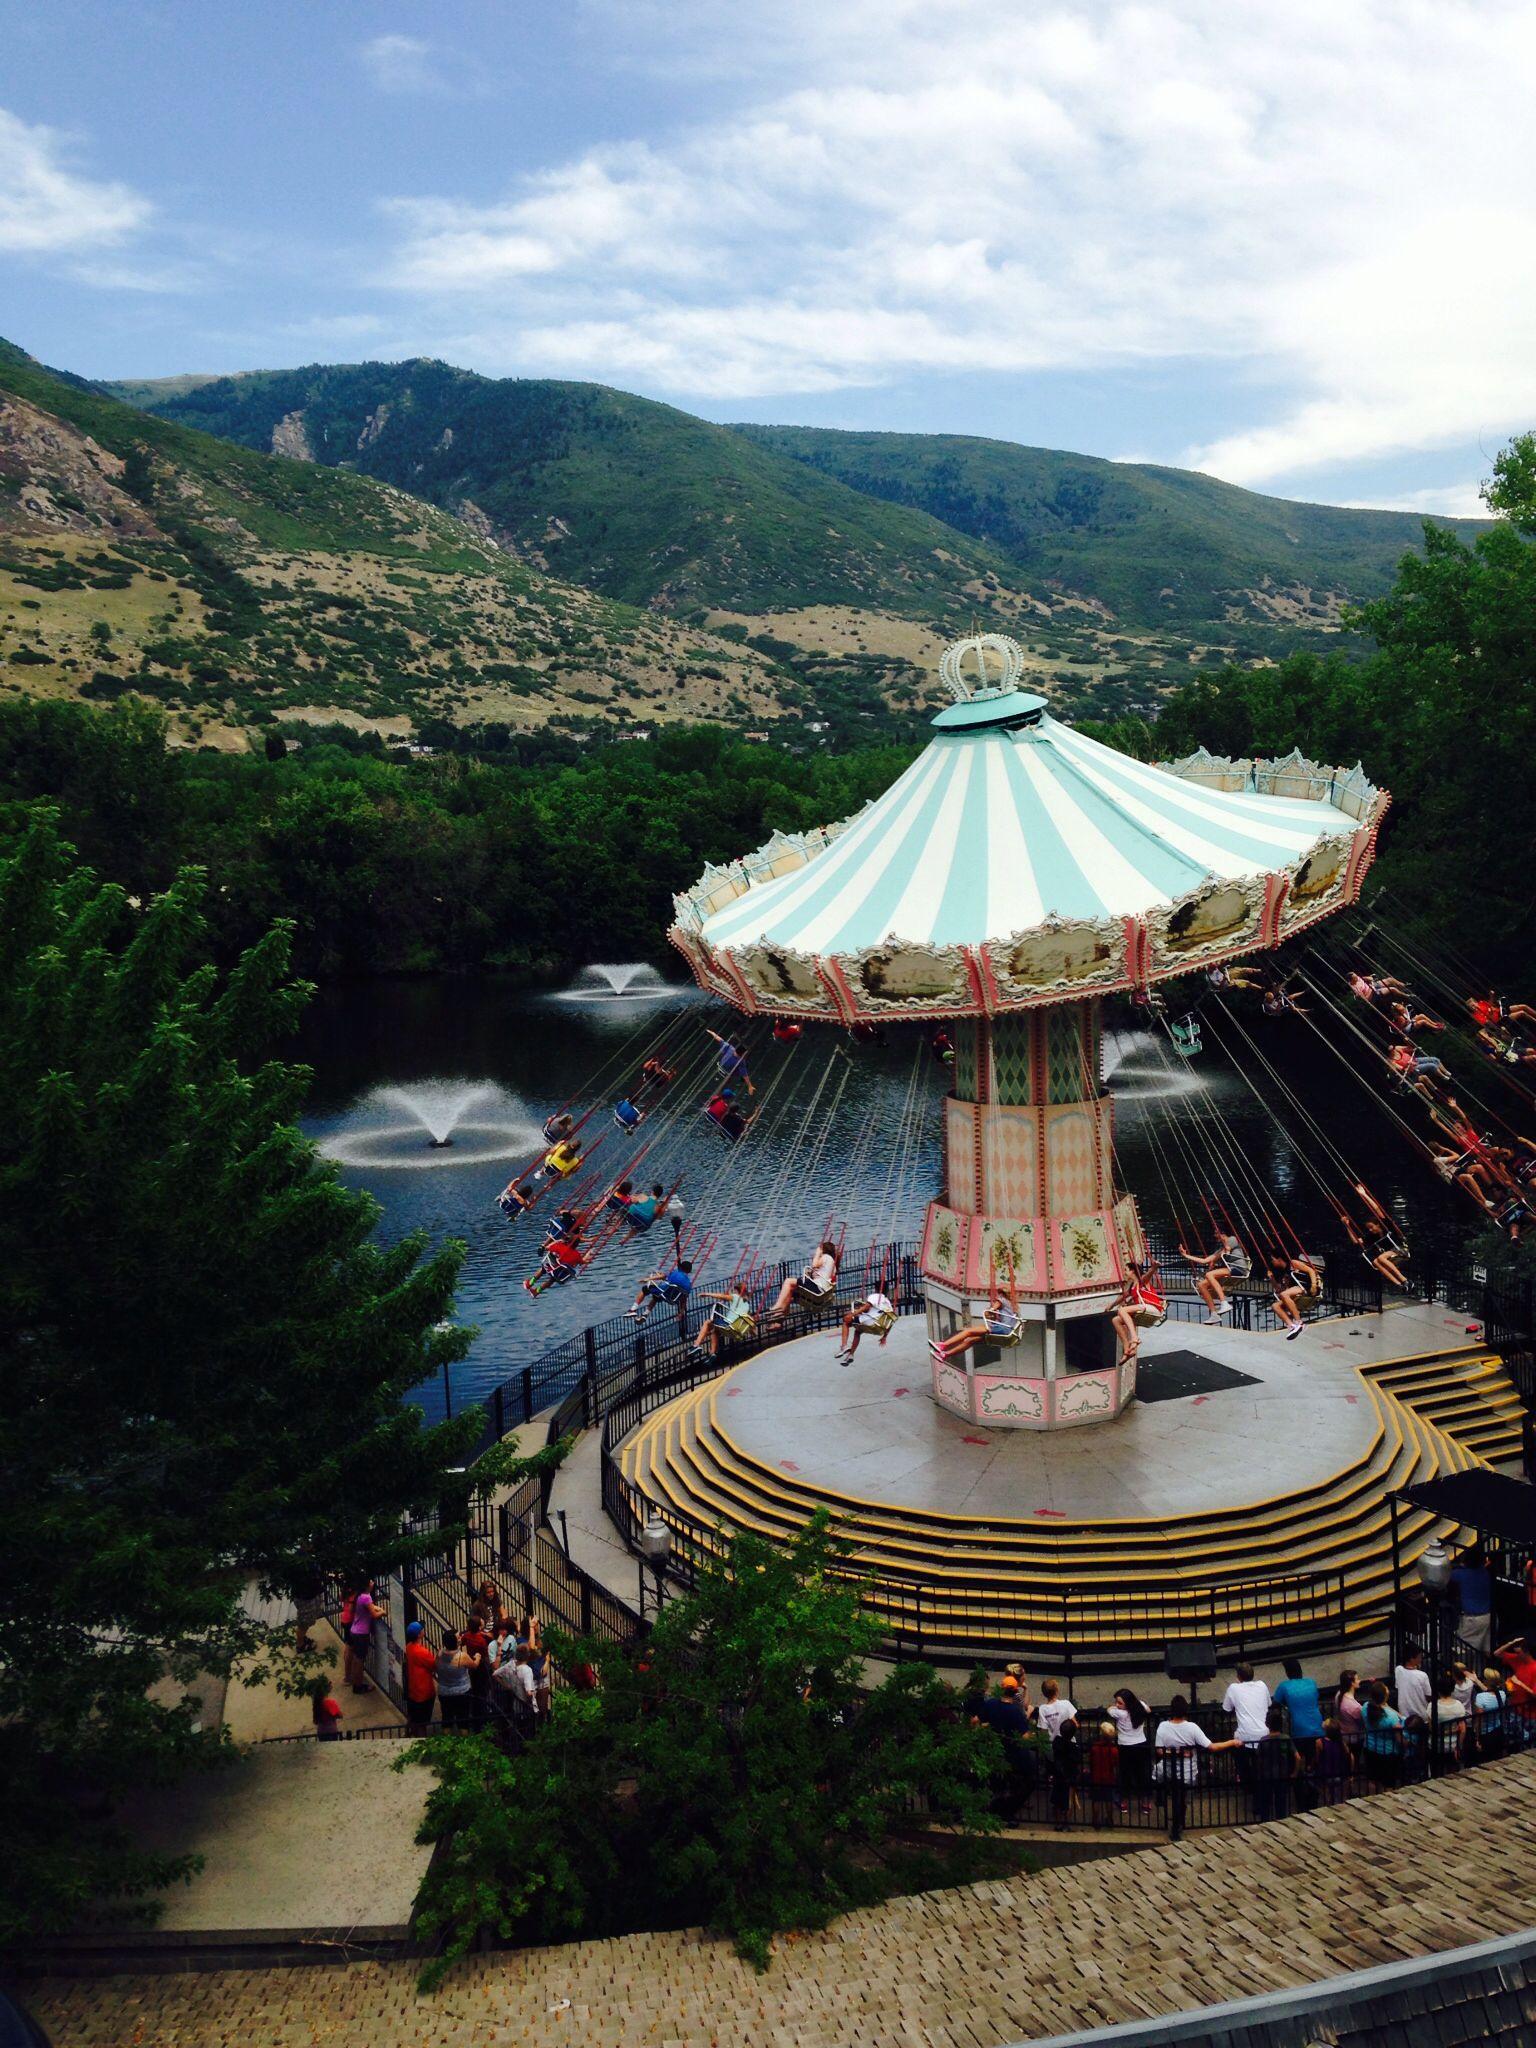 Amusement park, swing, Utah, Lagoon, Ride | Memories✨ | Pinterest ...